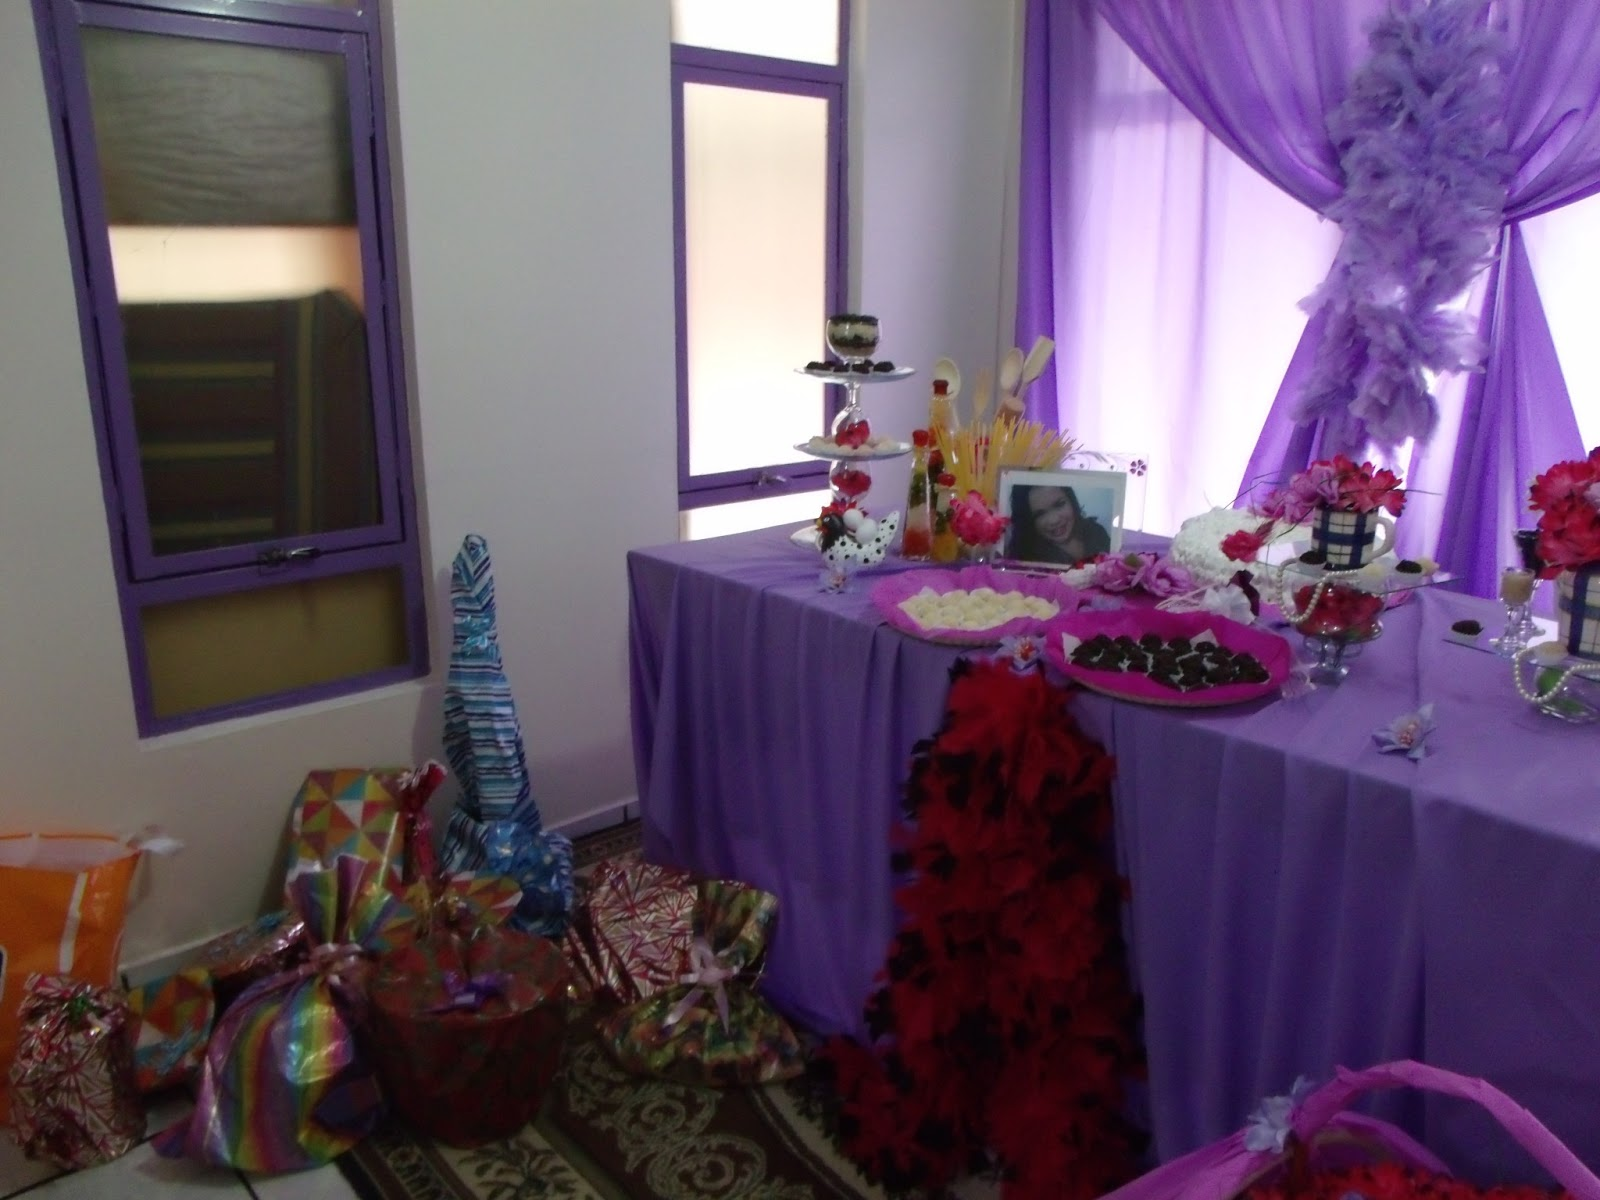 decoracao de cozinha na cor lilas: sobre o meu chá de cozinha  #663A91 1600x1200 Banheiro Com Pastilhas Lilas